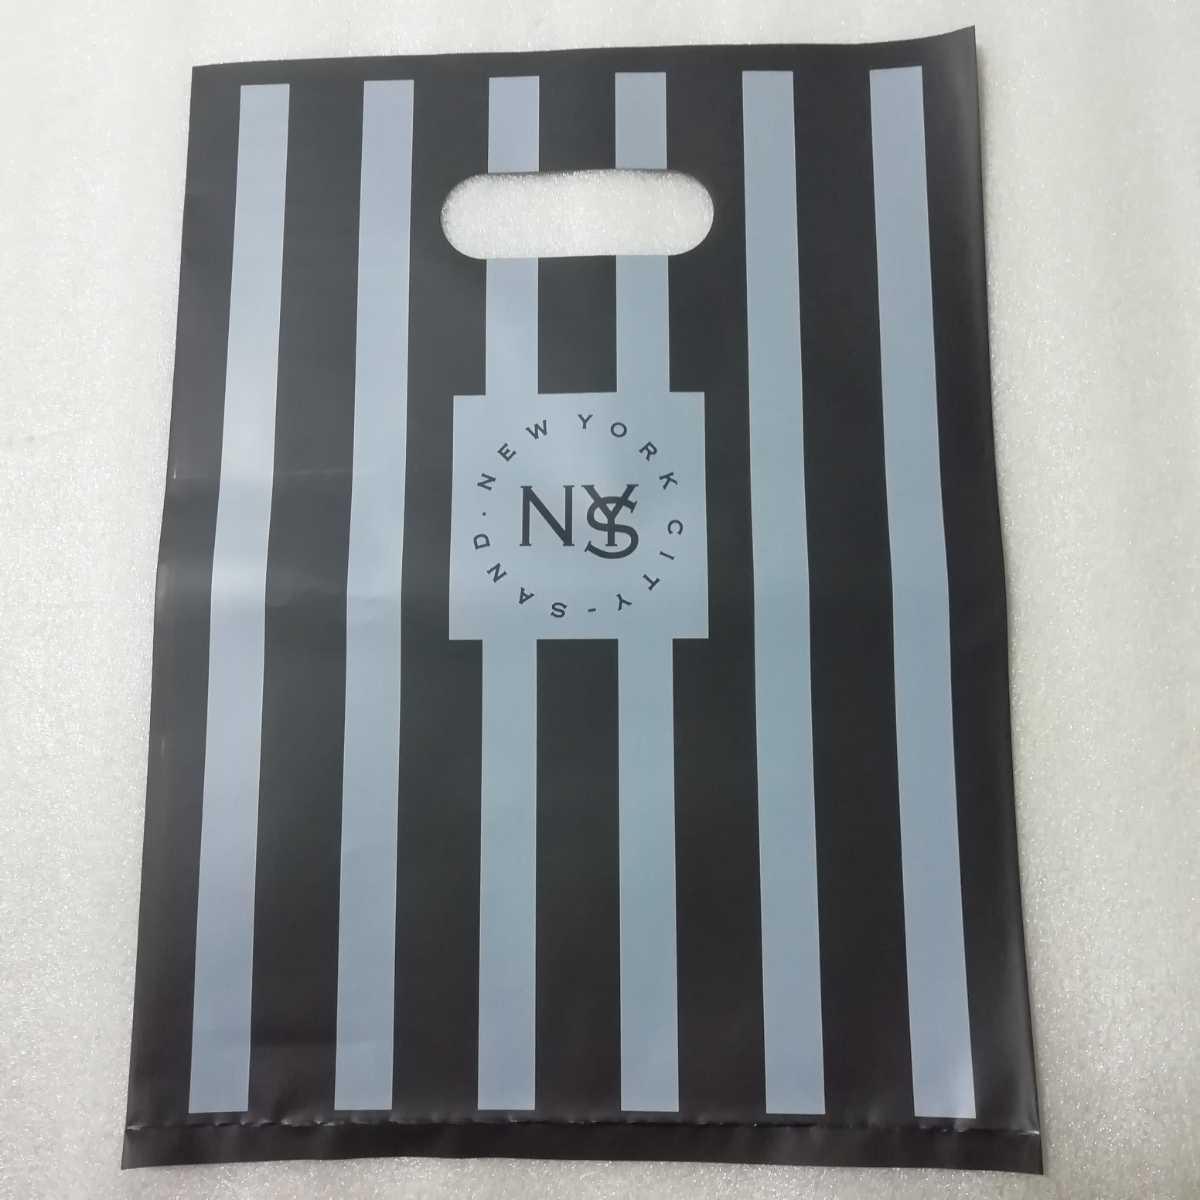 クルミッ子 ニューヨークキャラメルサンド 2種類2箱セット NYキャラメルサンド 送料無料 お菓子 詰め合わせ _画像5